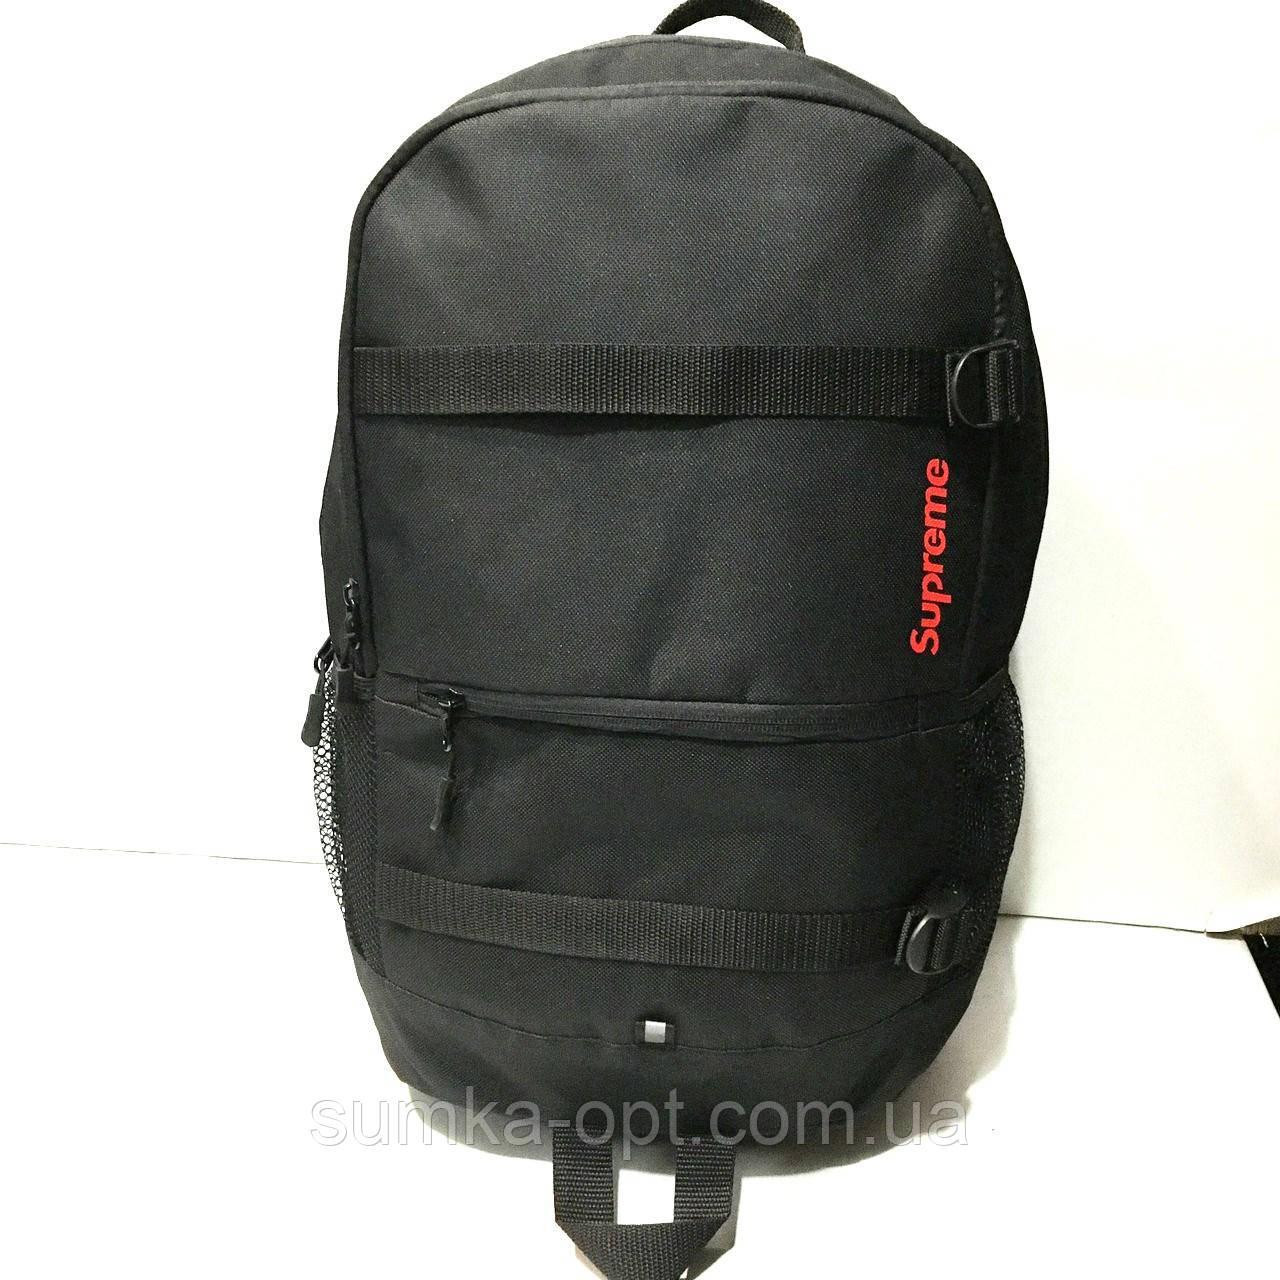 1075cc96a8e6 Рюкзаки спортивные текстиль Supreme (черный+красный)31*47см: продажа ...